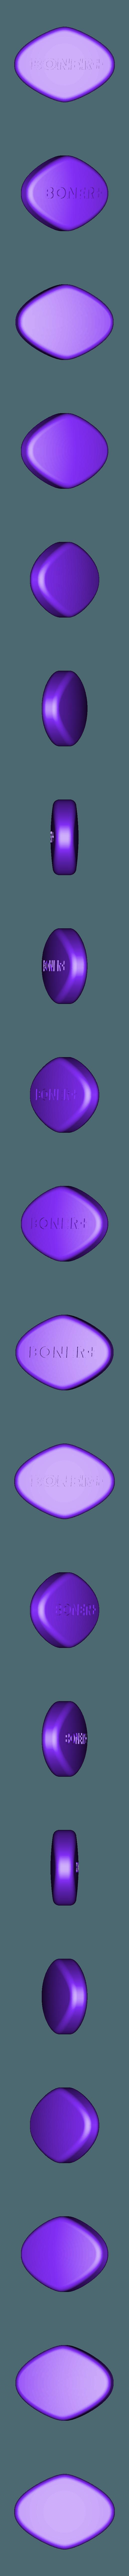 Big_Blue_Pill_-_BONER%2B.stl Télécharger fichier STL gratuit La grande pilule bleue v2 • Objet imprimable en 3D, michelj